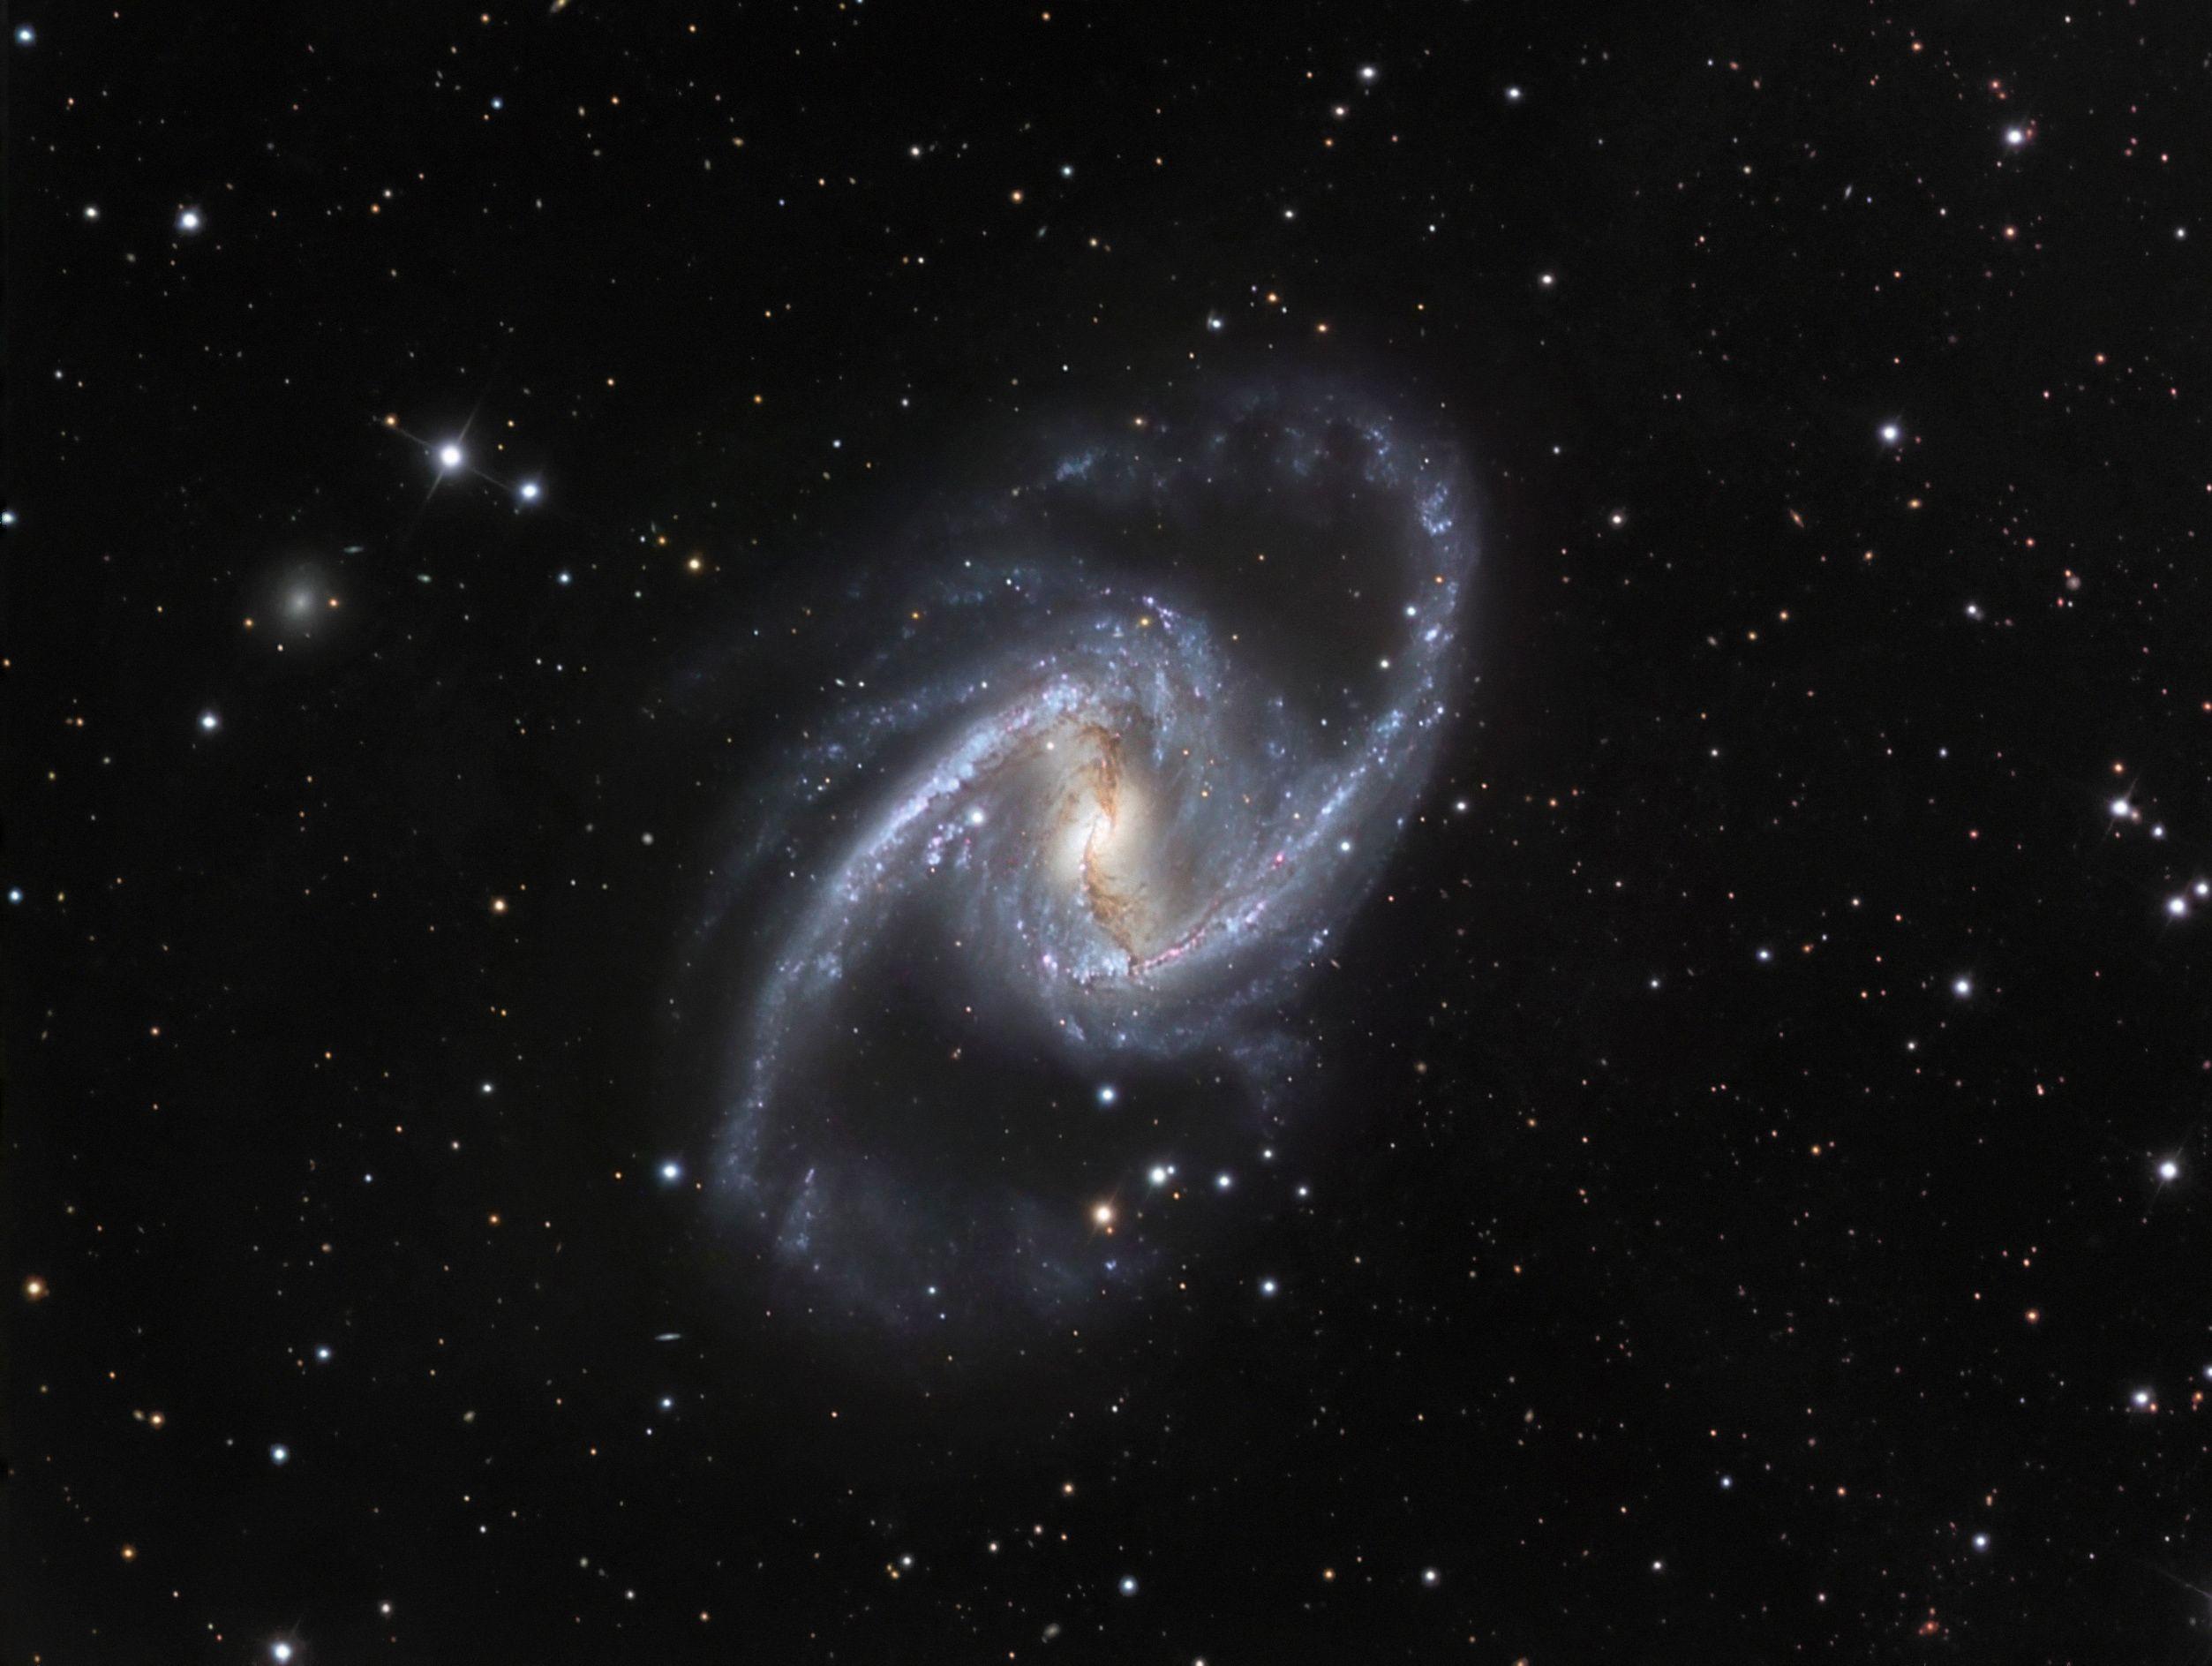 NGTS-1b, la planète qui remet en cause les théories sur la formation des planètes